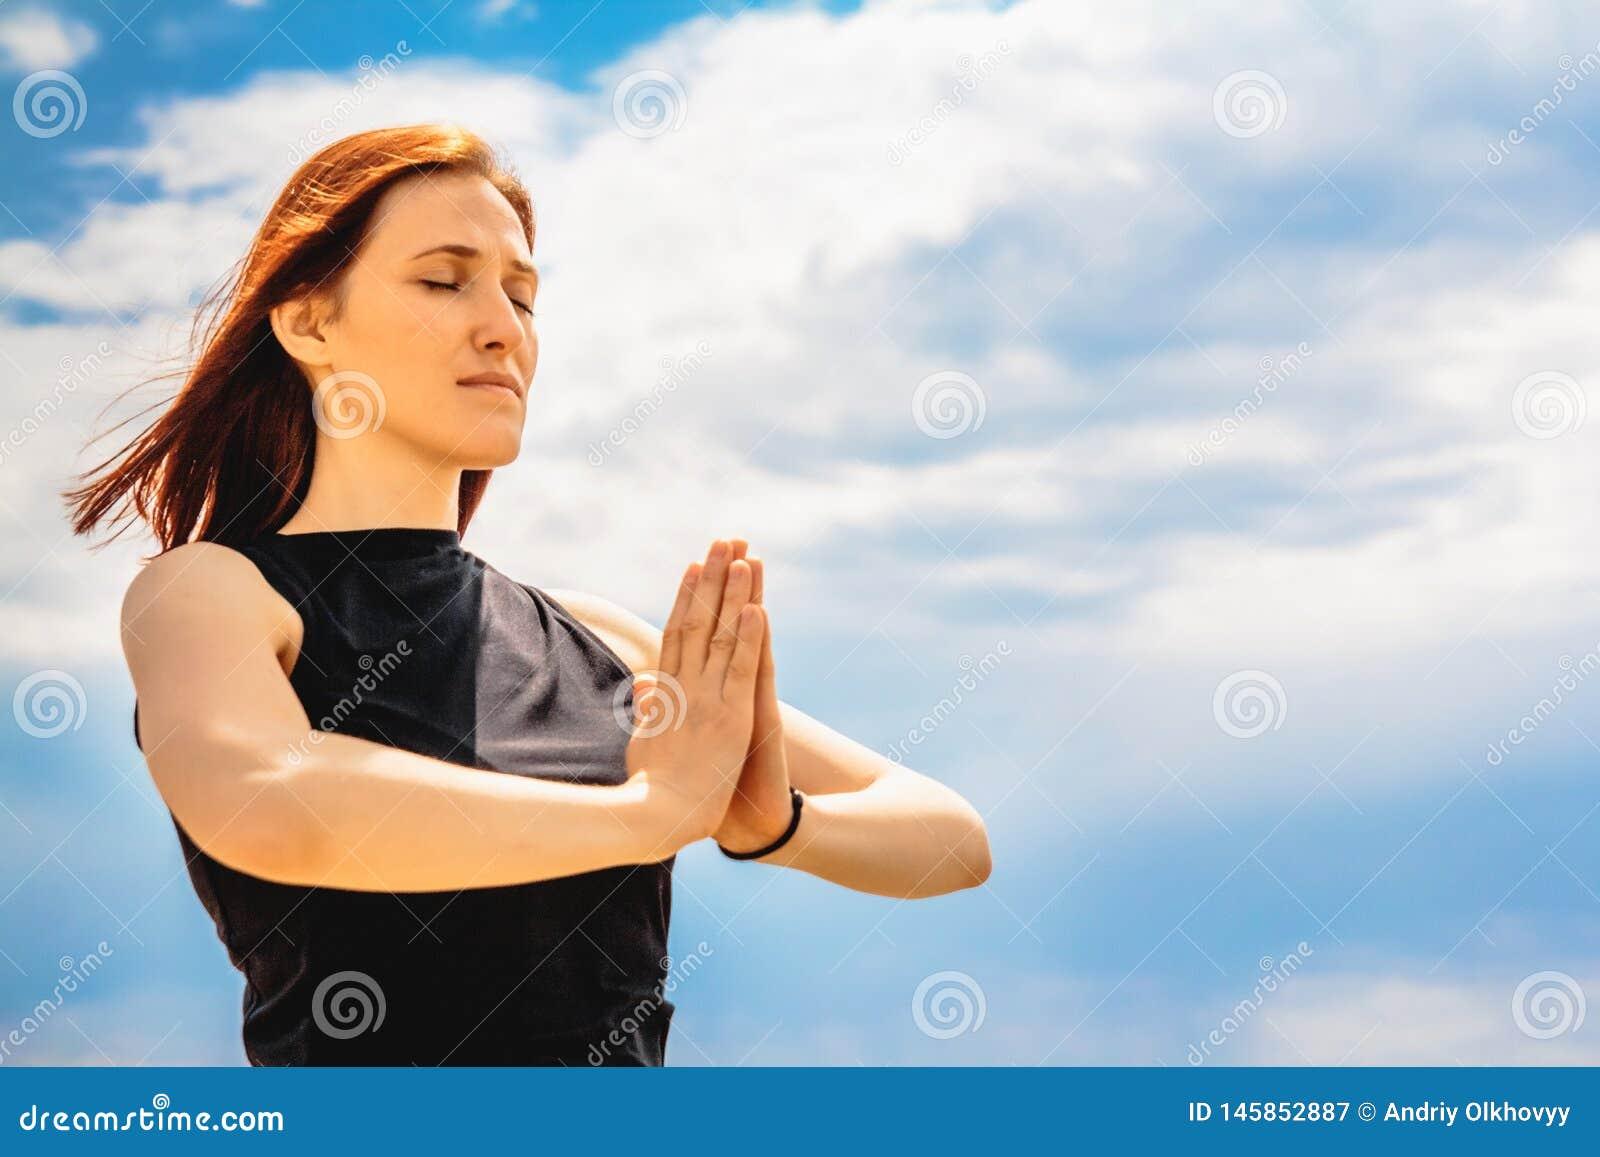 Ritratto della posizione di rilassamento di yoga della donna attraente di forma fisica contro il fondo del cielo